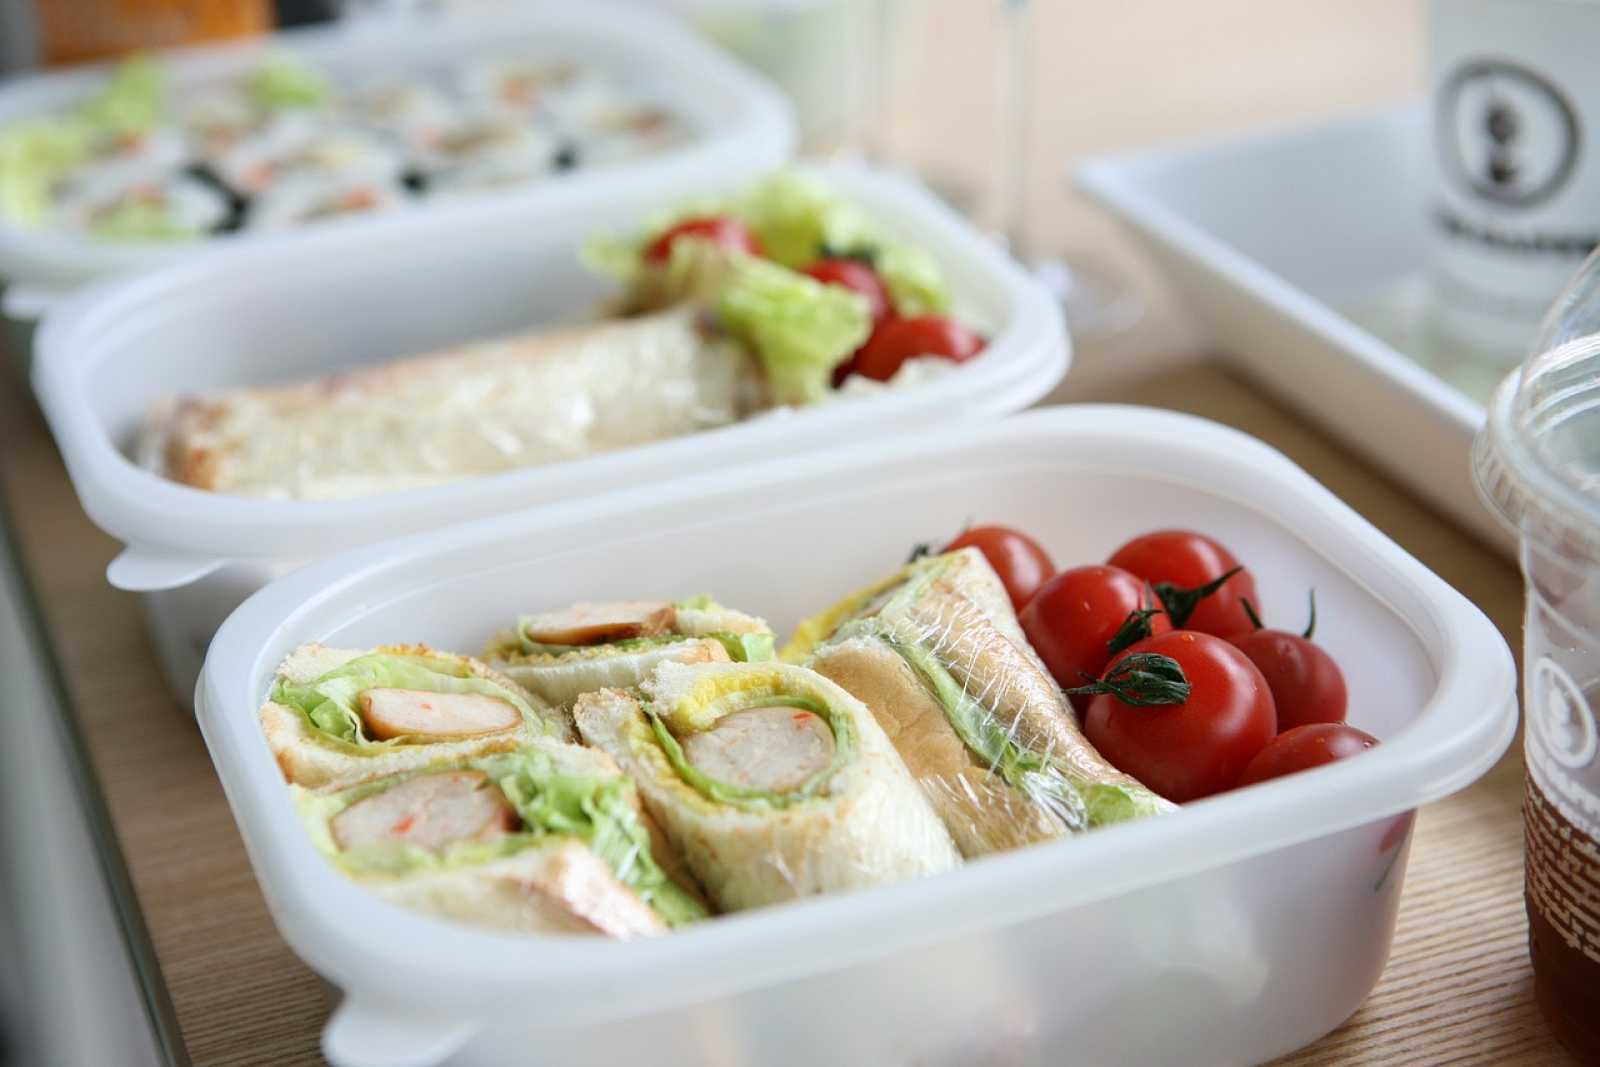 Alimento y salud - Comer en el trabajo, vuelve Sacha - 27/09/20 - Escuchar ahora